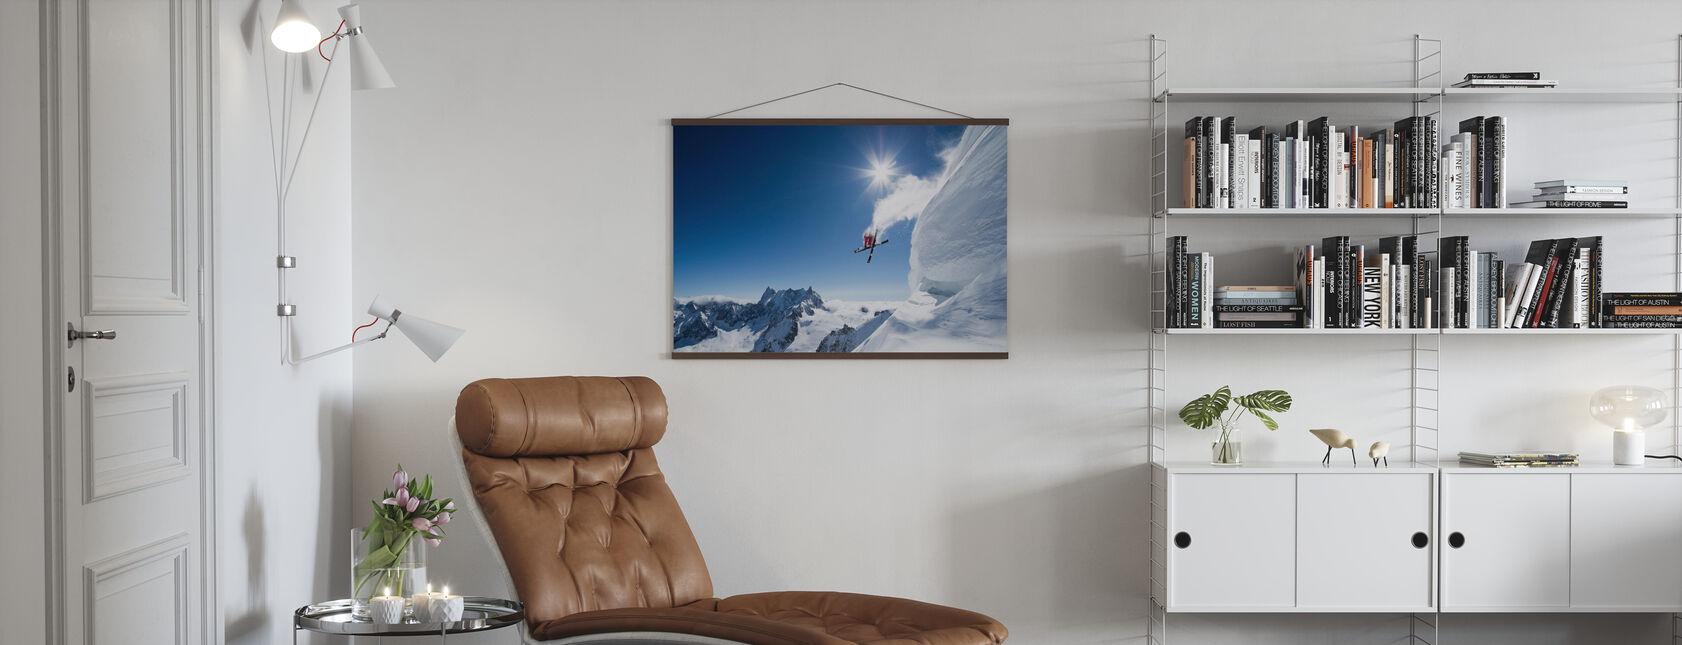 Ekstrem ski - Plakat - Stue